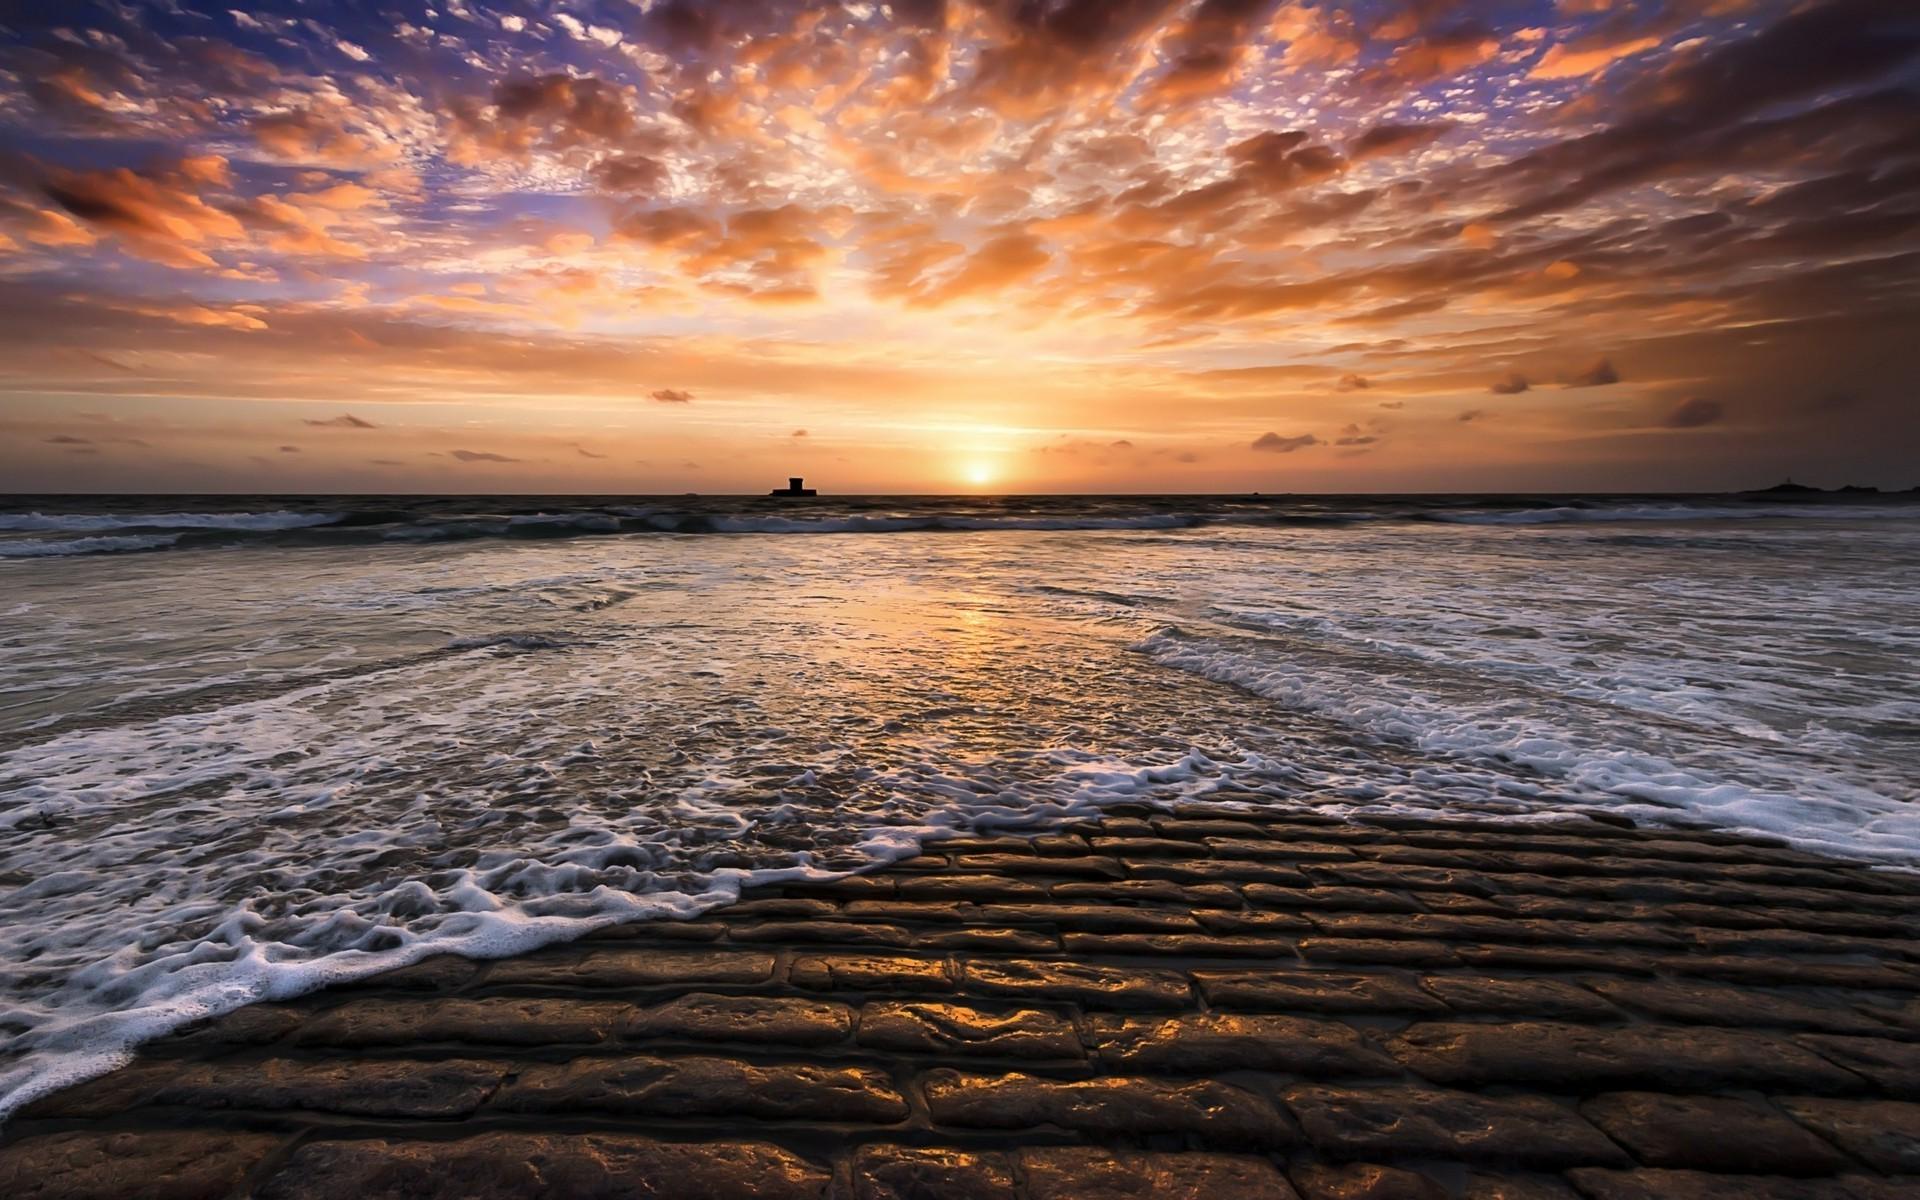 картинки закат на берегу моря возникает из-за неровностей